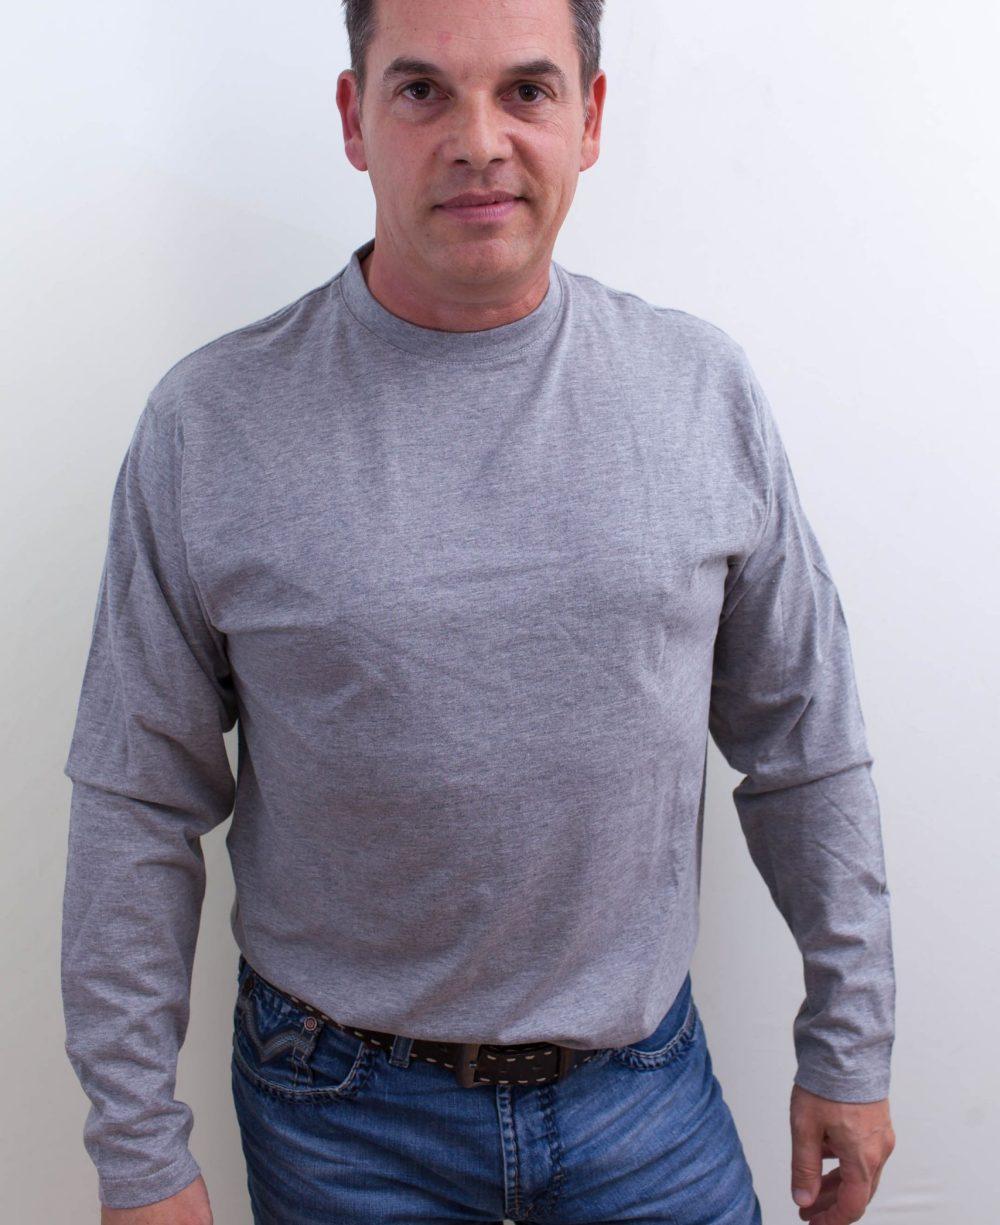 grau-Herrenshirt-für-dialysepatienten-mit-individuellem-reißverschluss-diazipp-dialysebekleidung